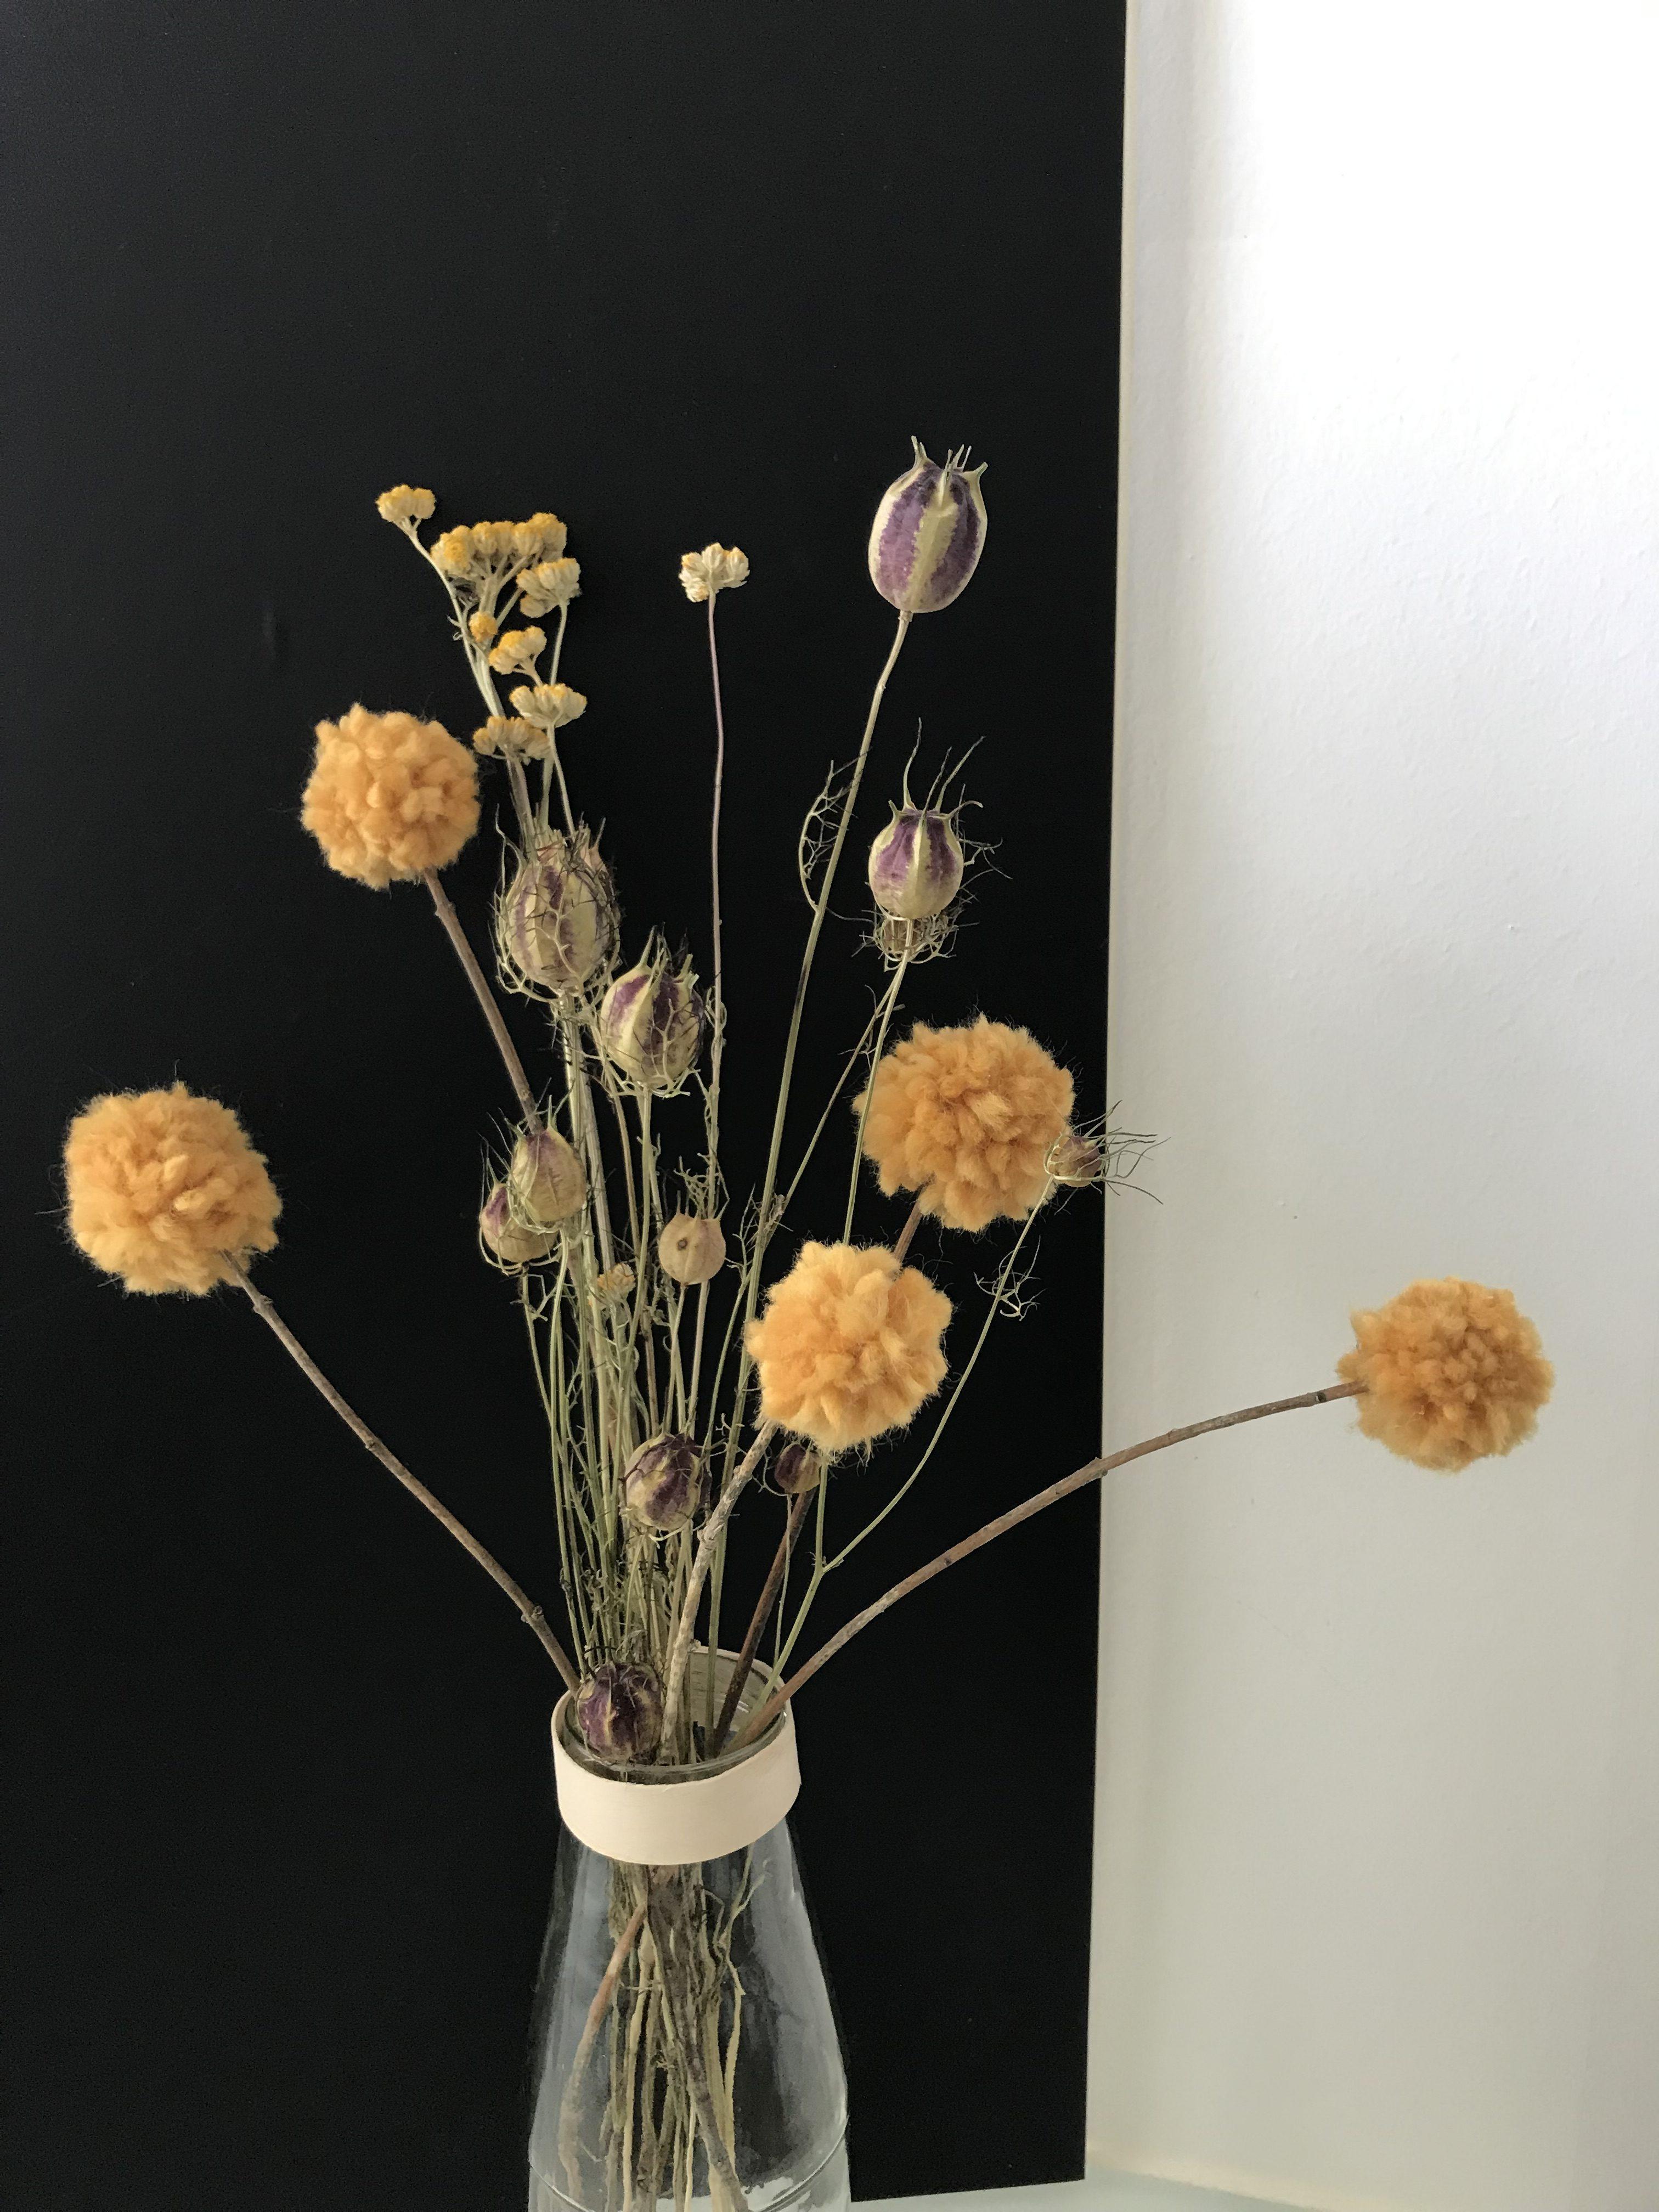 Deko Craspedia Trommelschlägel Blumen Aus Wolle Basteln